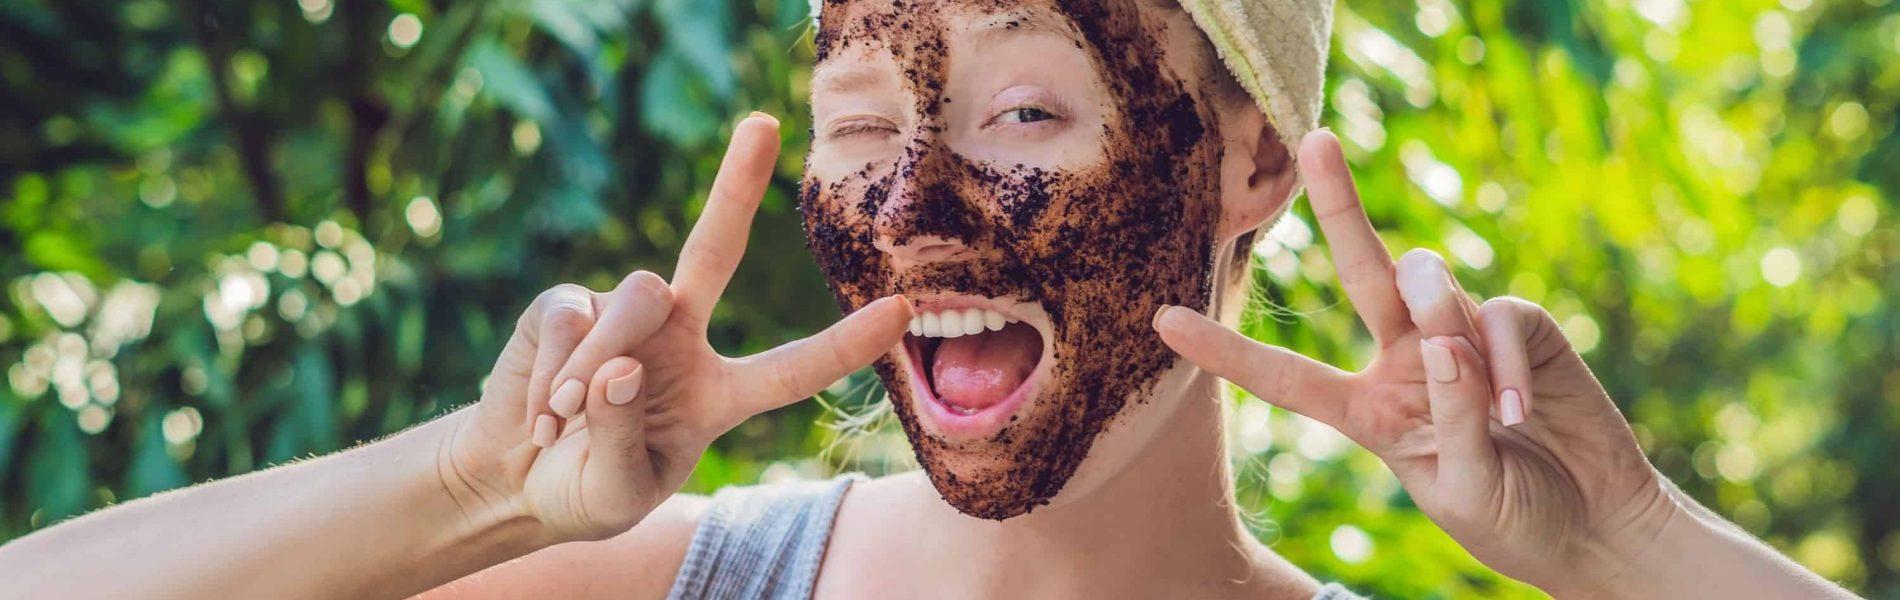 בדיקת און לייף: מהי מסכת הפנים המושלמת?